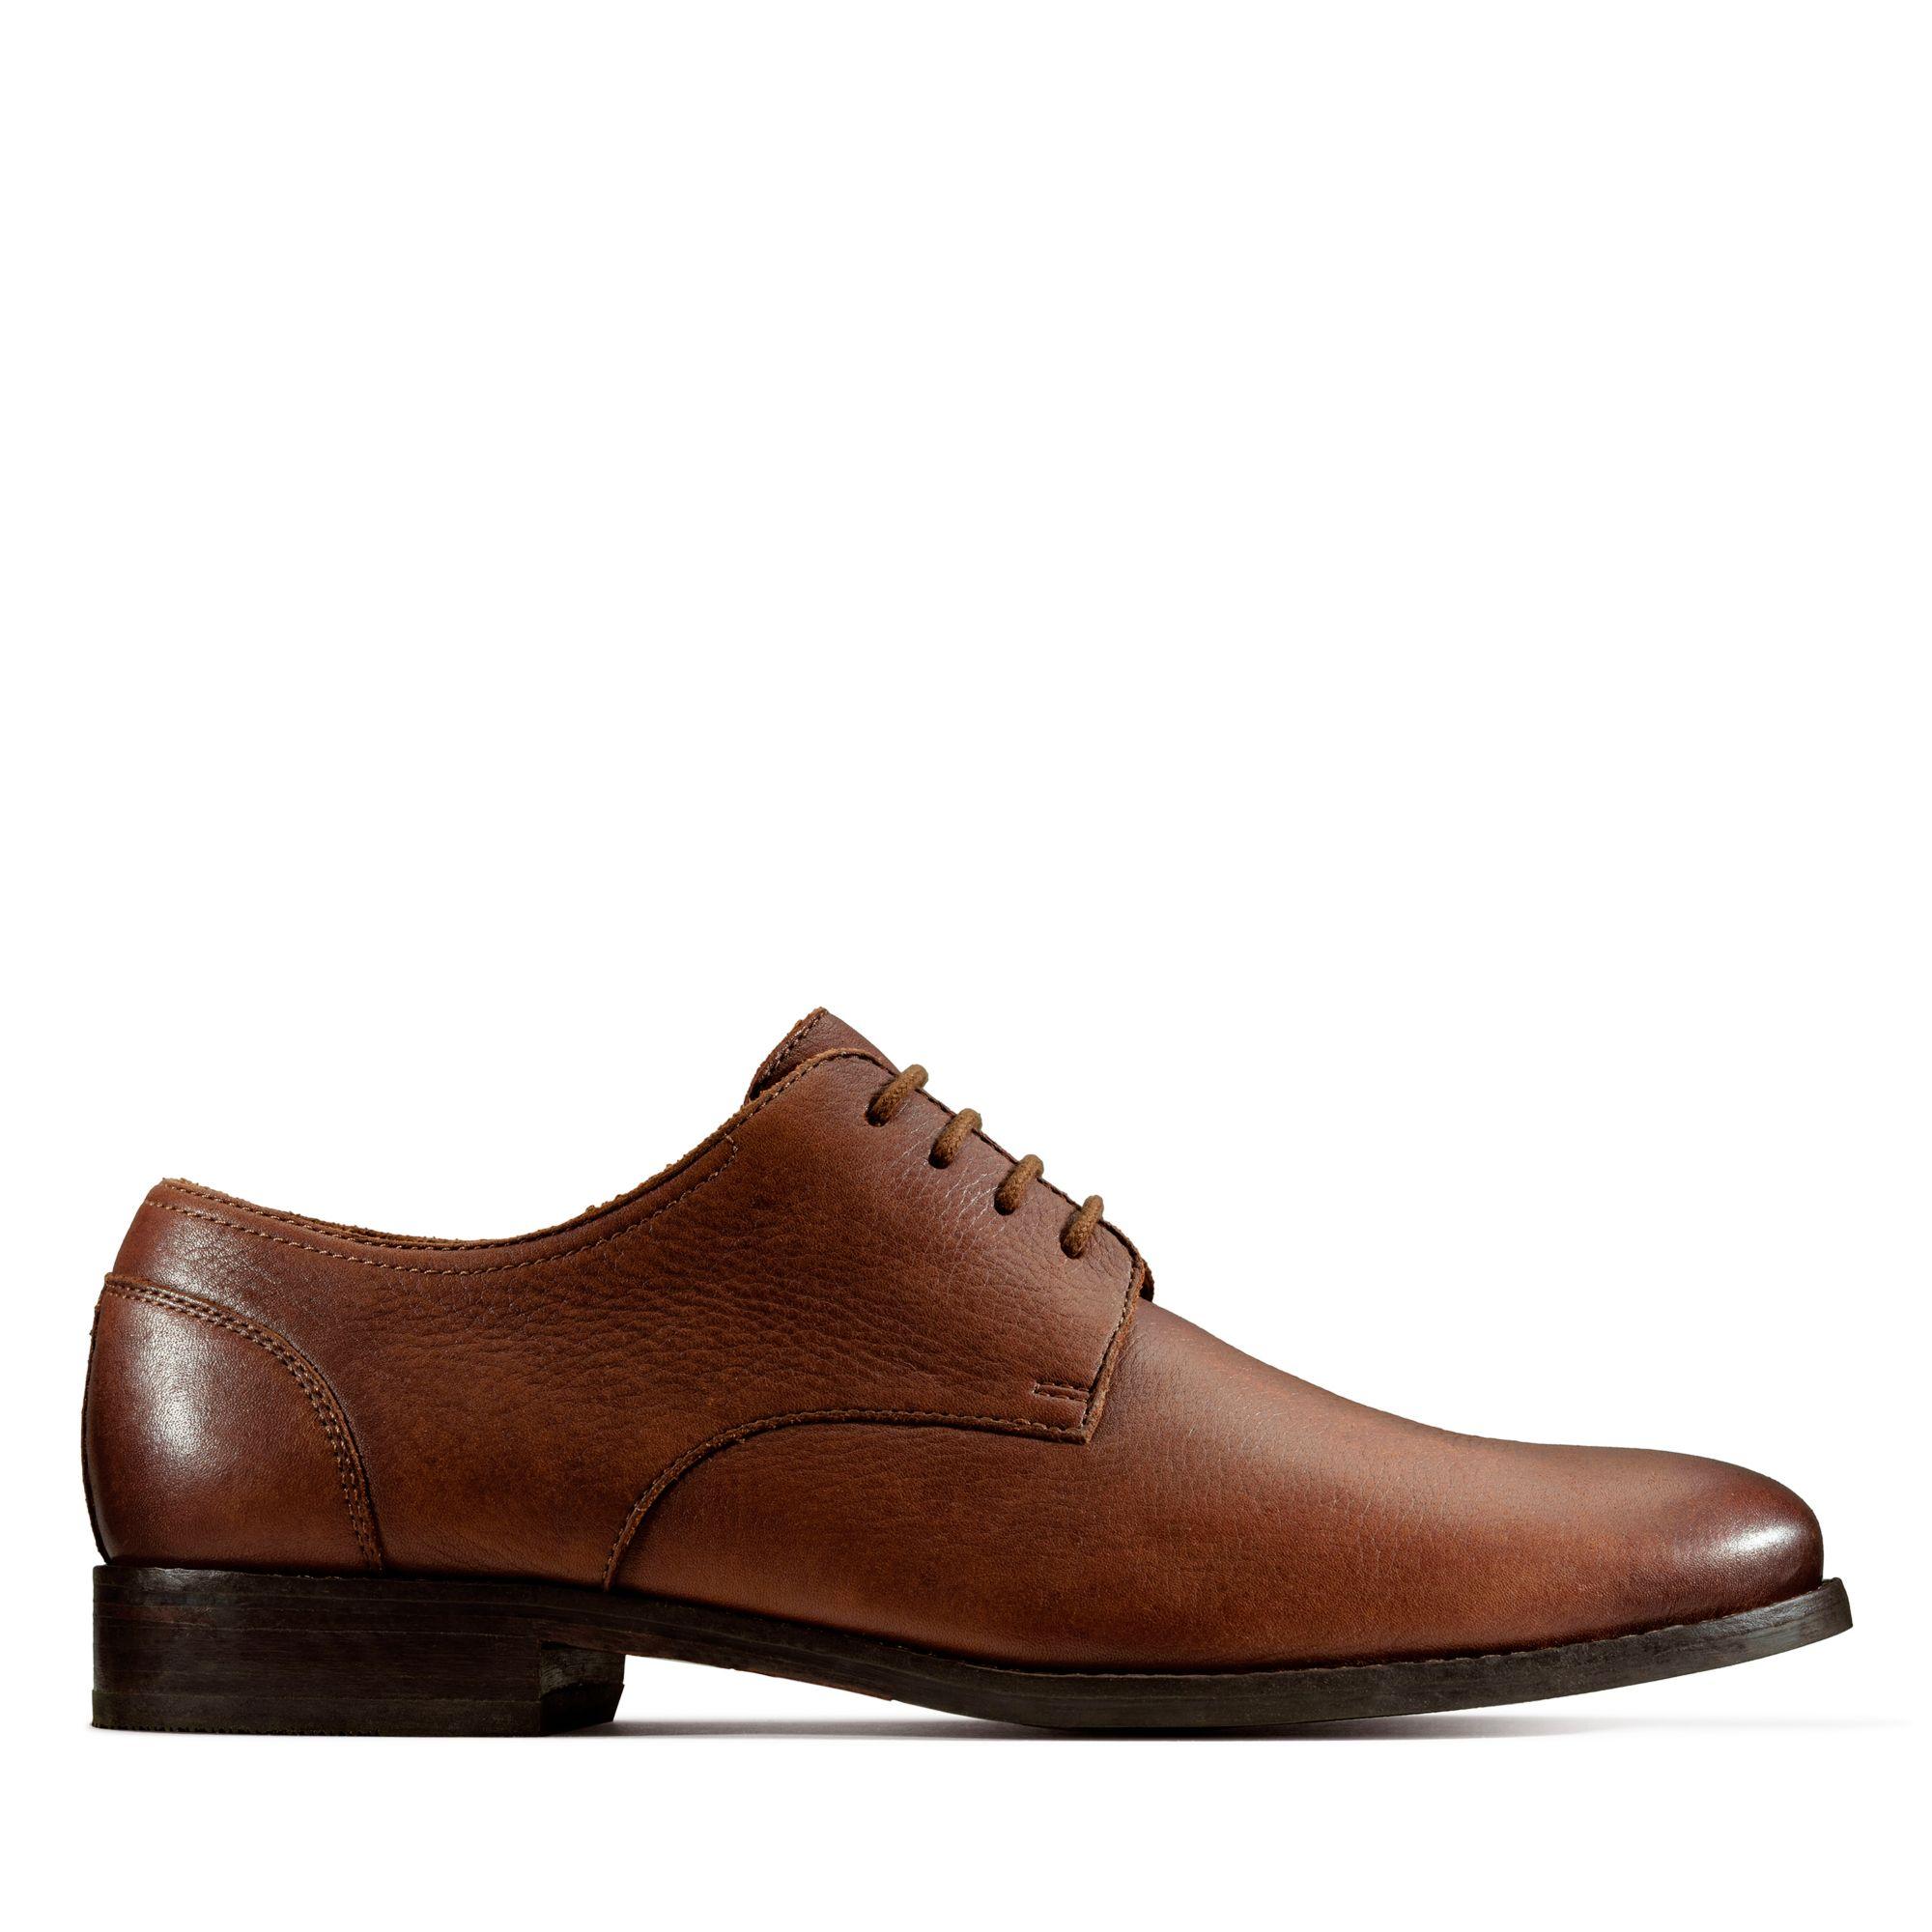 Clarks Flow Plain – Leather